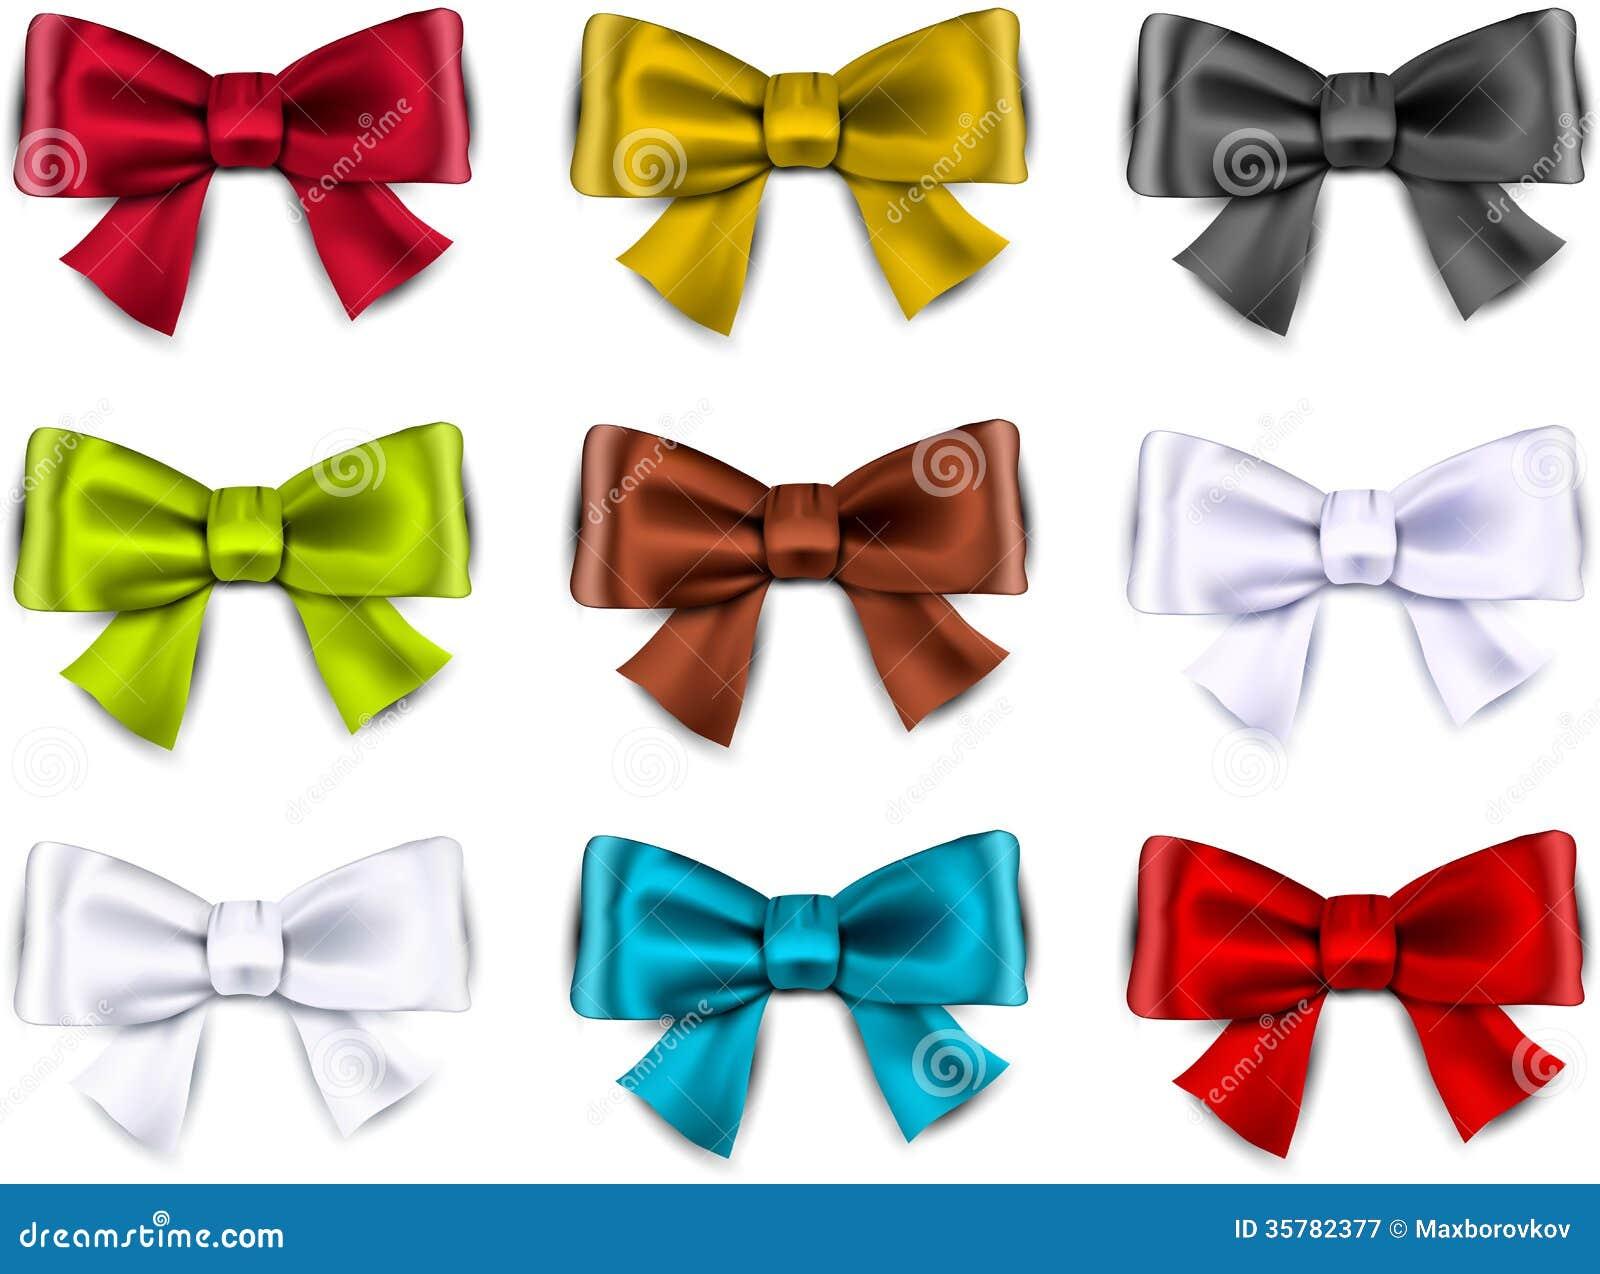 Satin Color Ribbons Gift Bows Royalty Free Stock